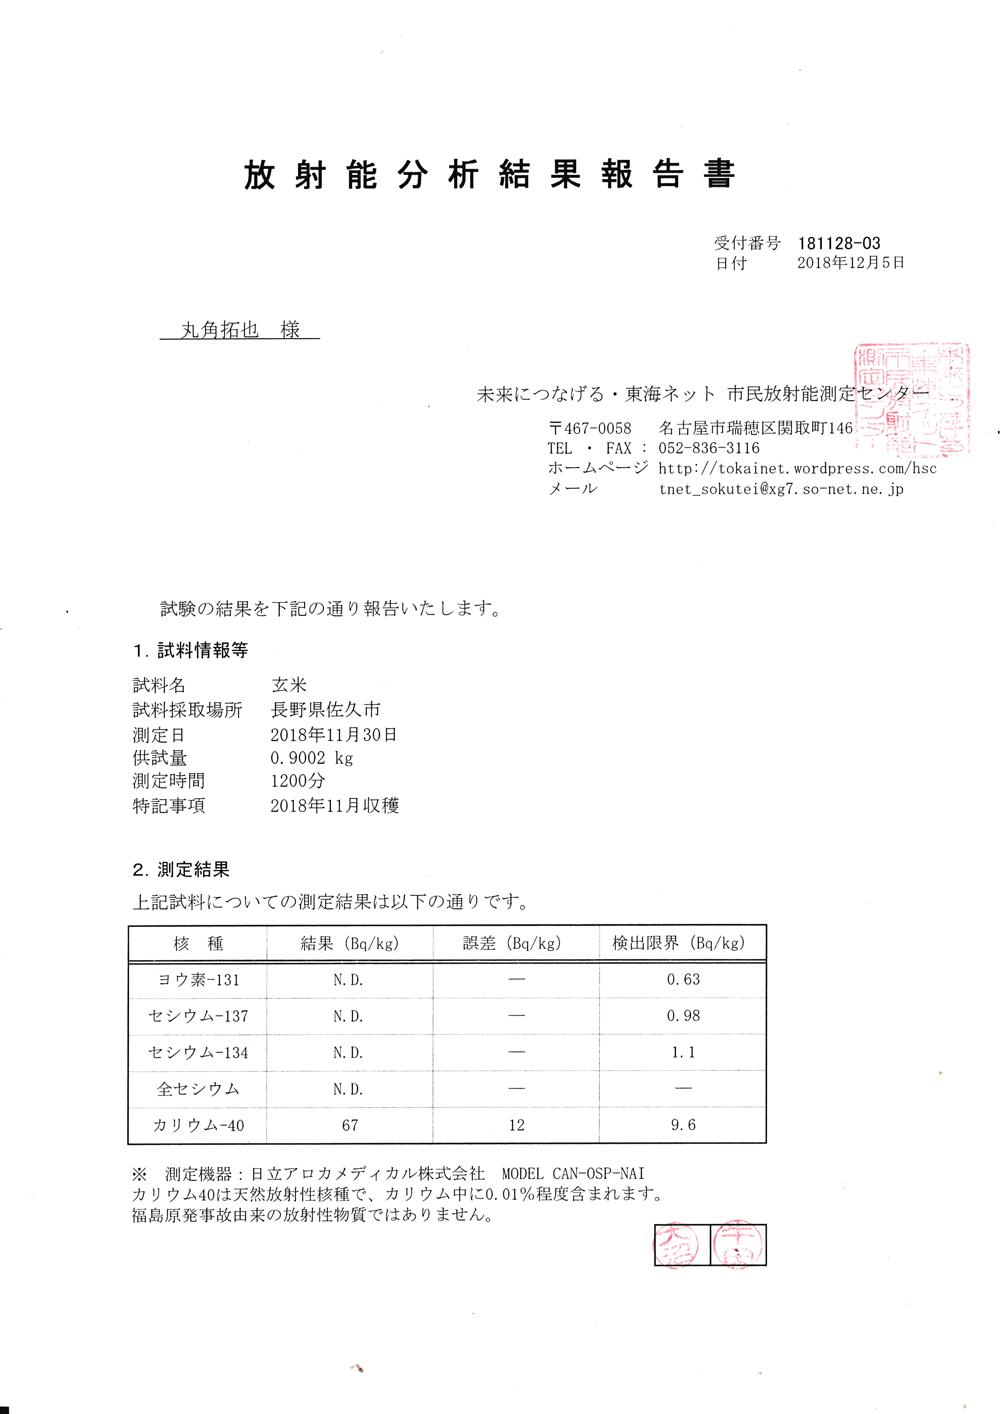 放射能検査結果のお知らせ玄米